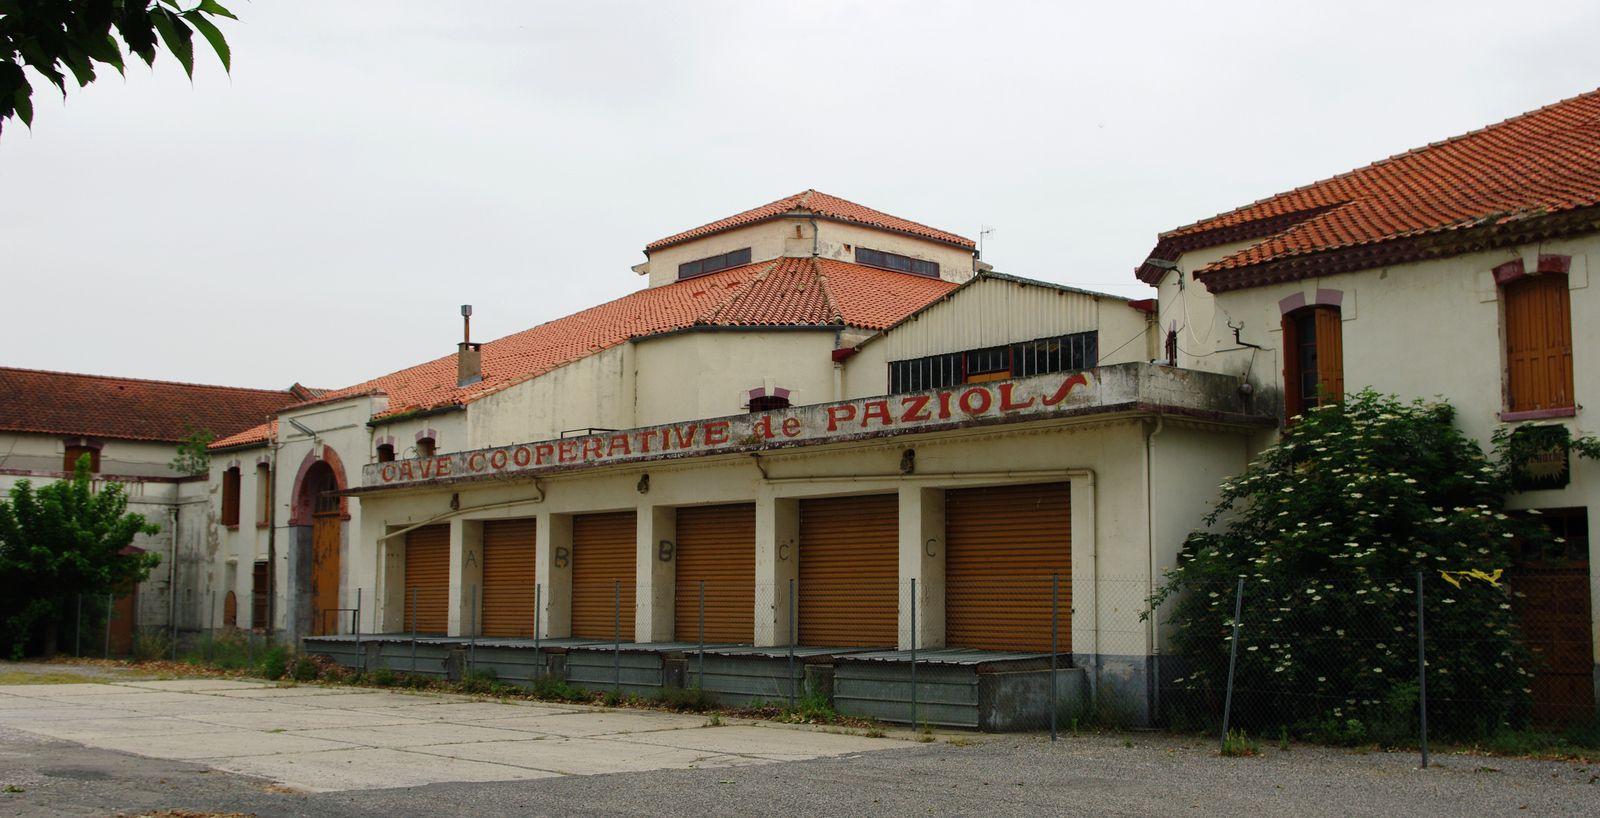 PAZIOLS (Aude)